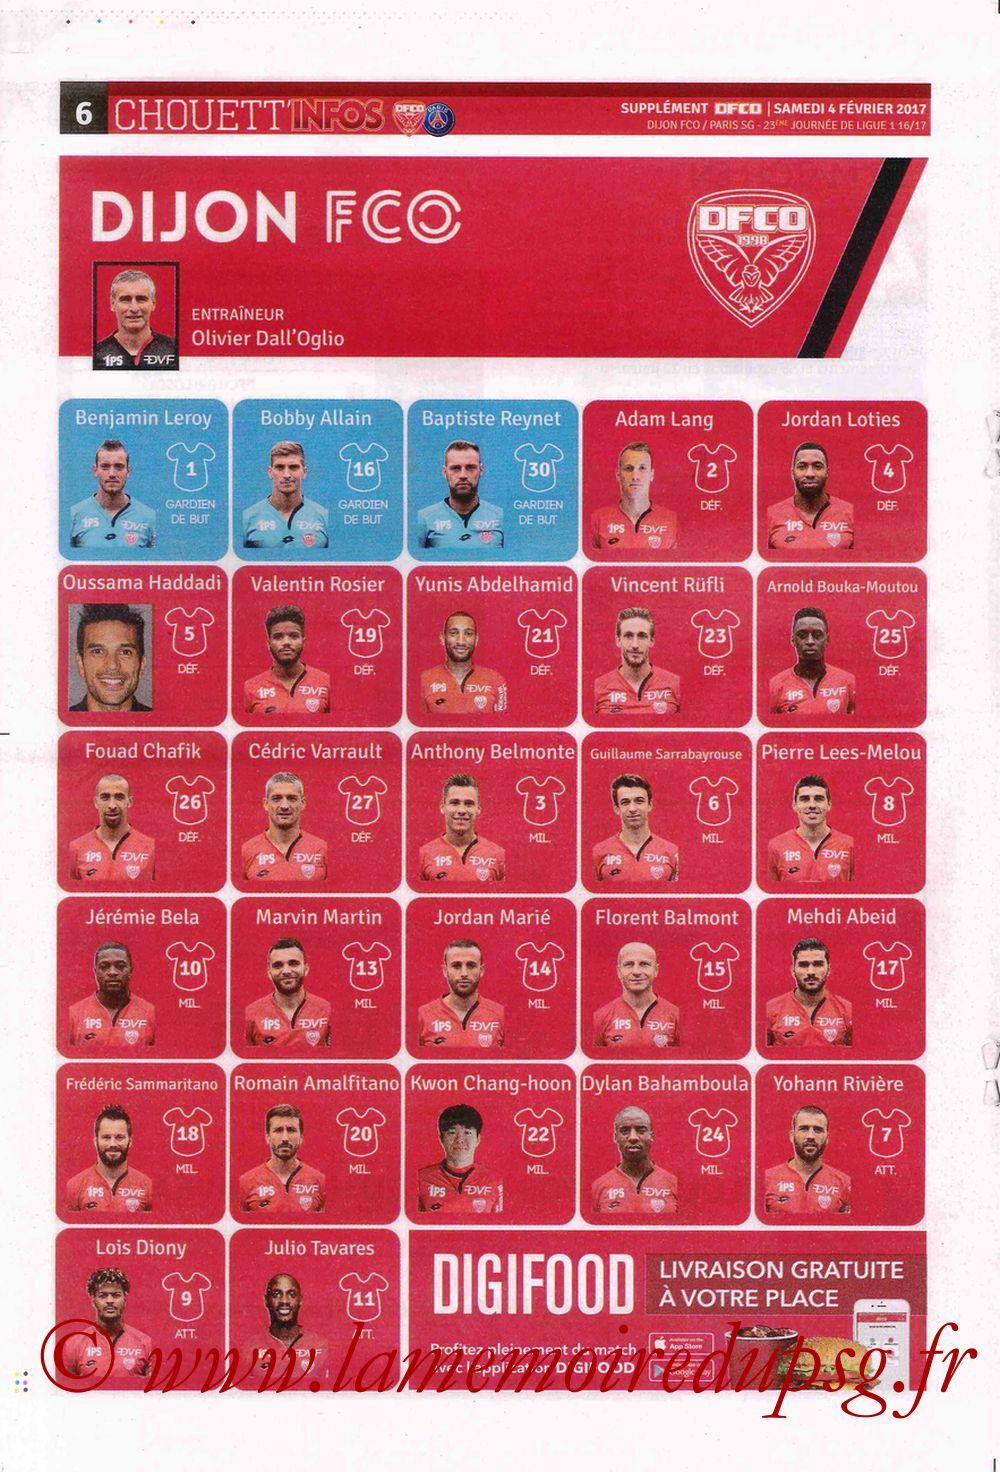 2017-02-04  Dijon-PSG (23ème L1, Chouett' Info N°12) - Page 6